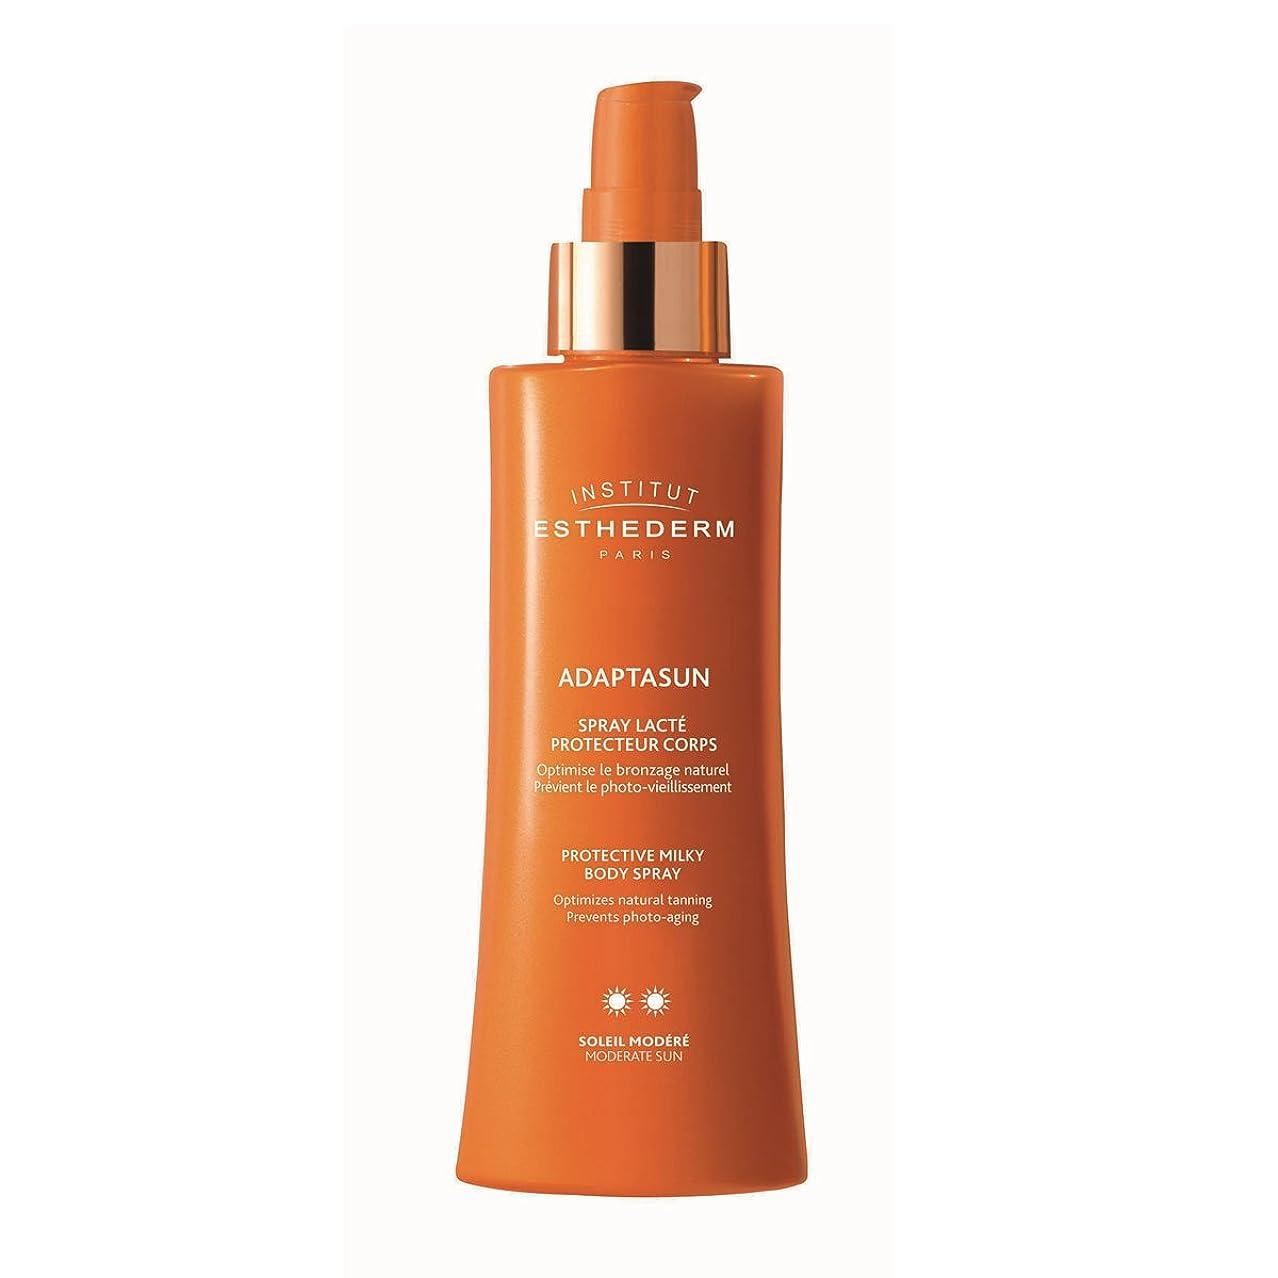 ネズミ銀滑るInstitut Esthederm Adaptasun Protective Milky Body Spray Moderate Sun 150ml [並行輸入品]